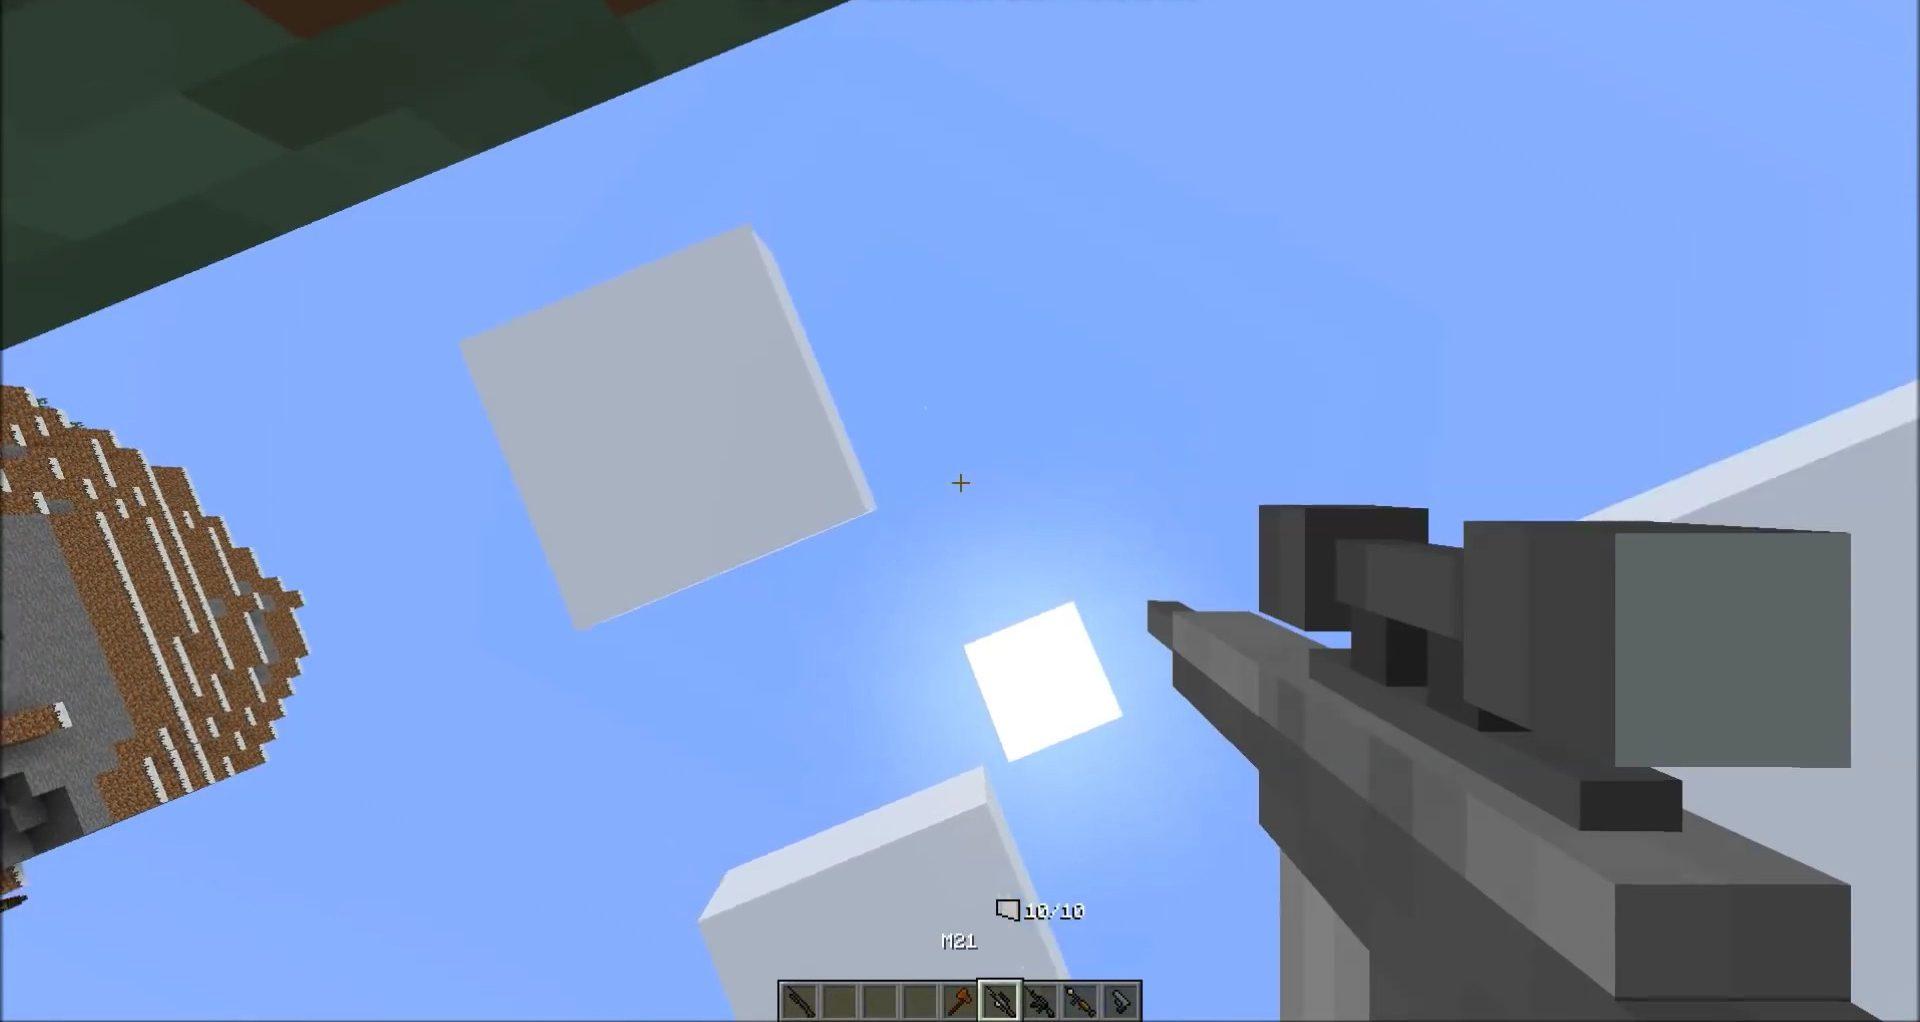 Flan's Modern Weapons Pack Mod Screenshots 26